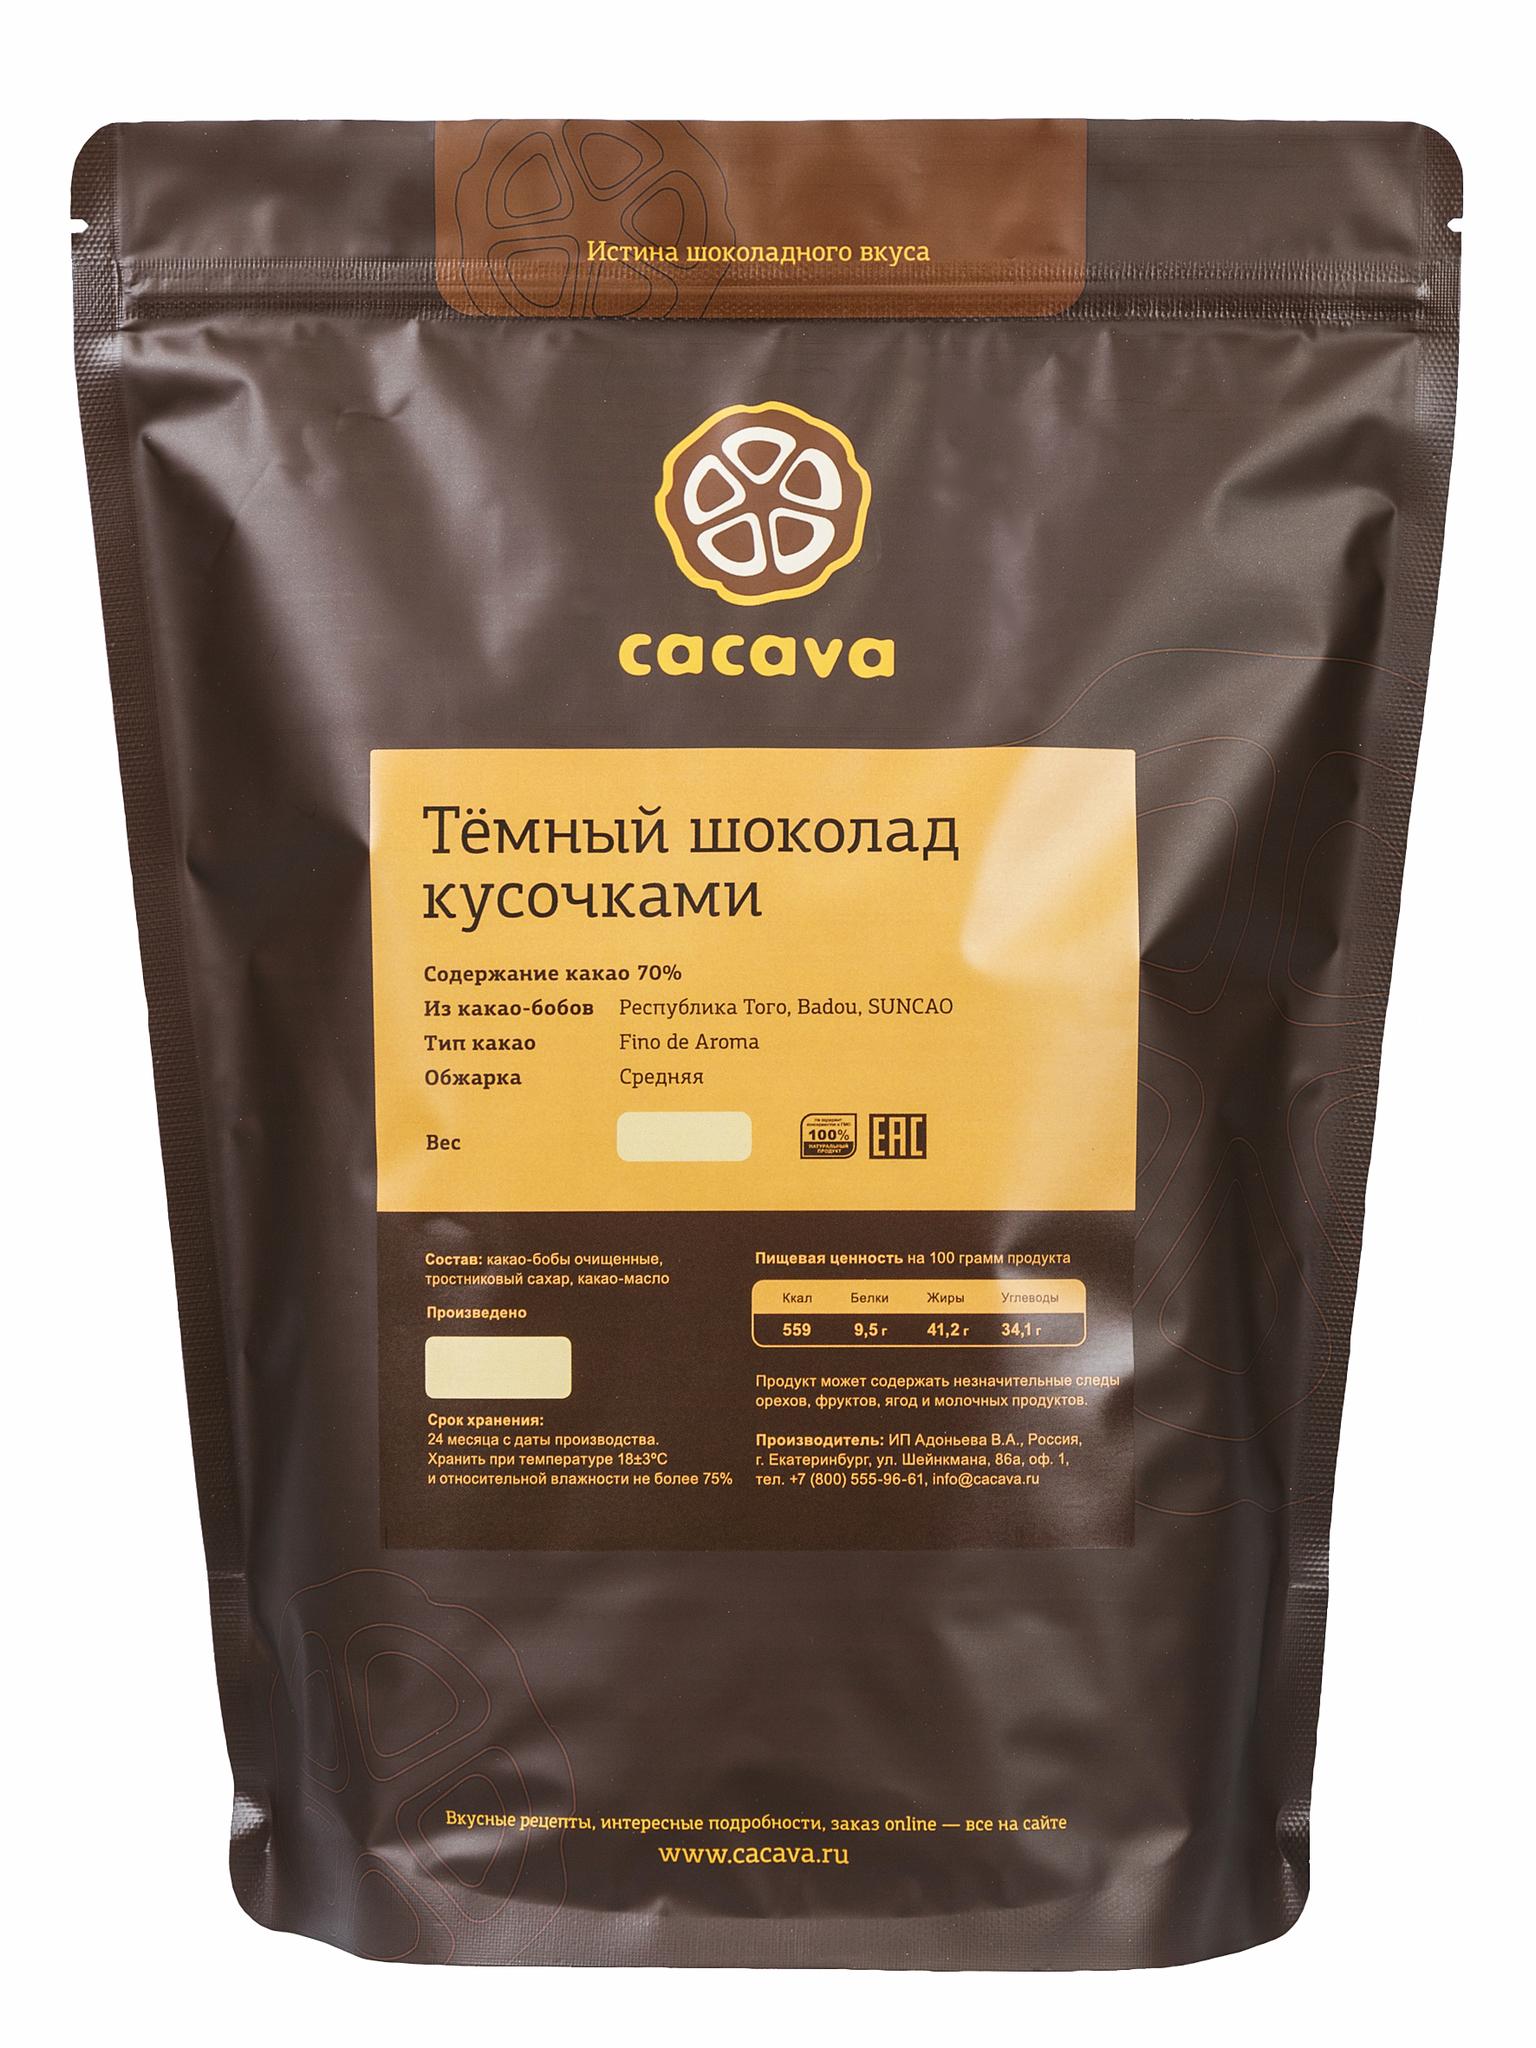 Тёмный шоколад 70 % какао (Того, Badou), упаковка 1 кг